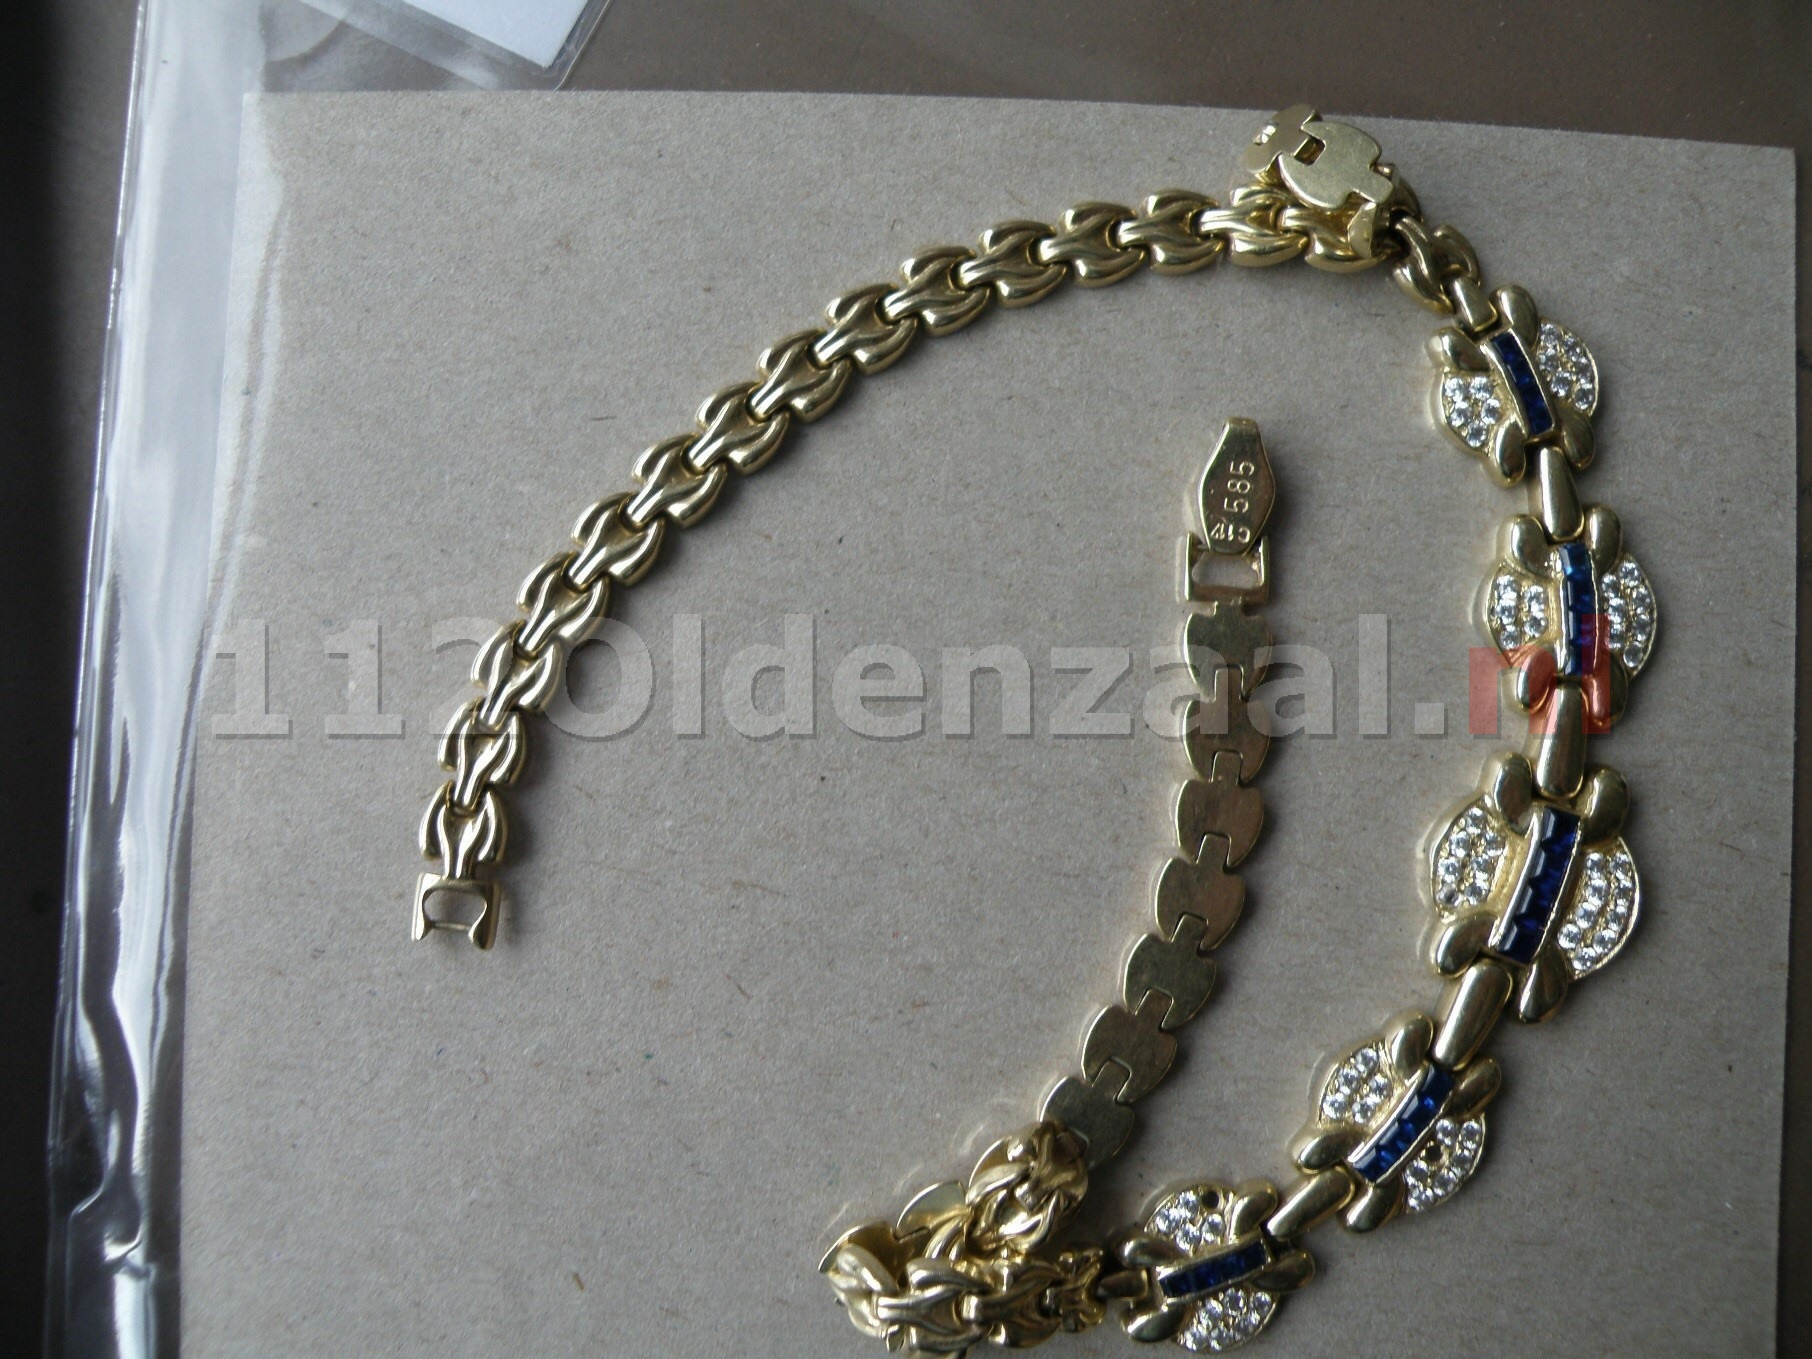 Foto: Politie Oldenzaal zoekt eigenaresse halsketting